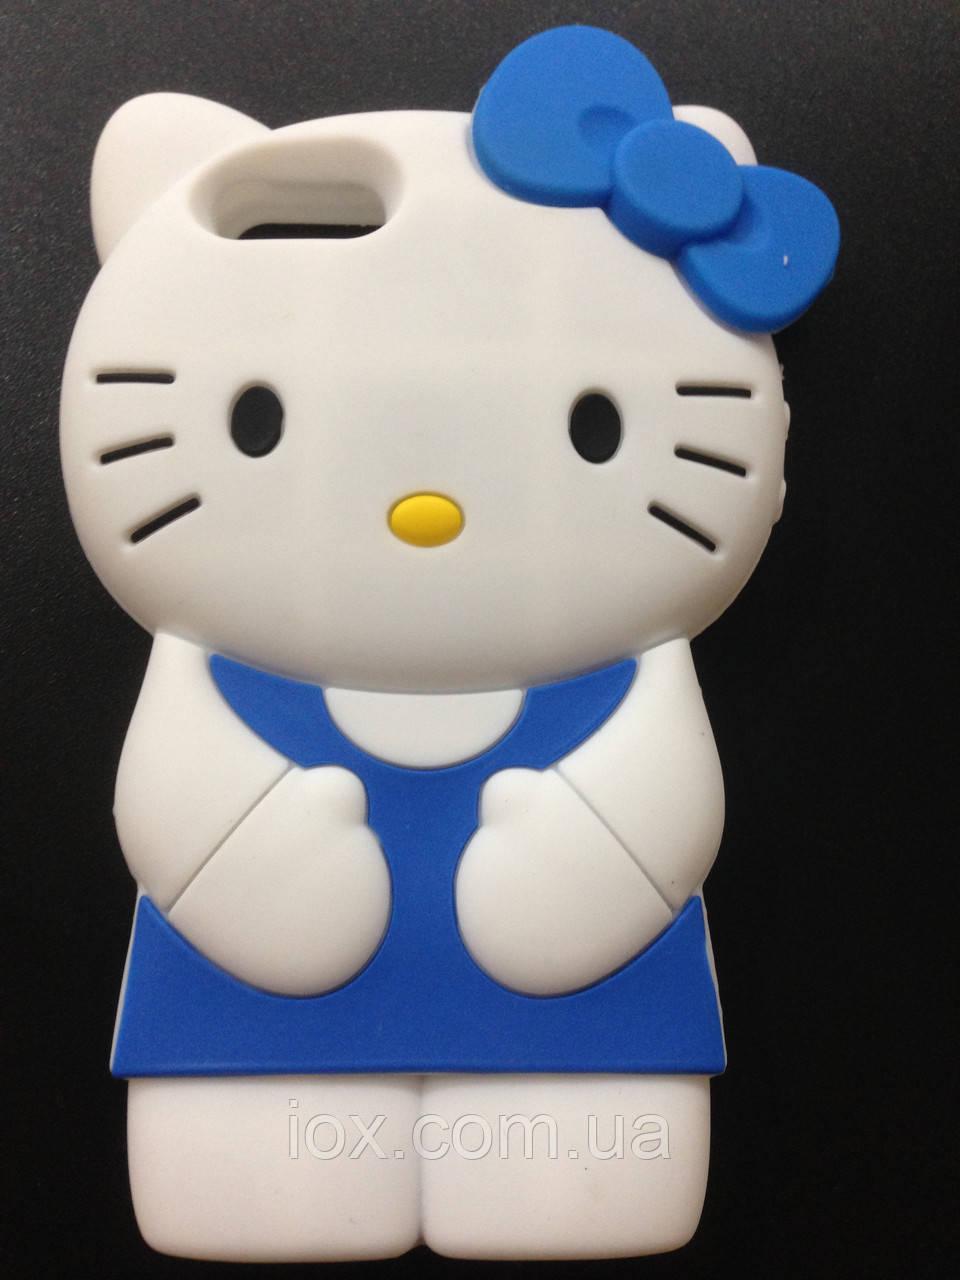 """Силиконовый чехол """"Kitty"""" синий для Iphone 5G/5GS"""